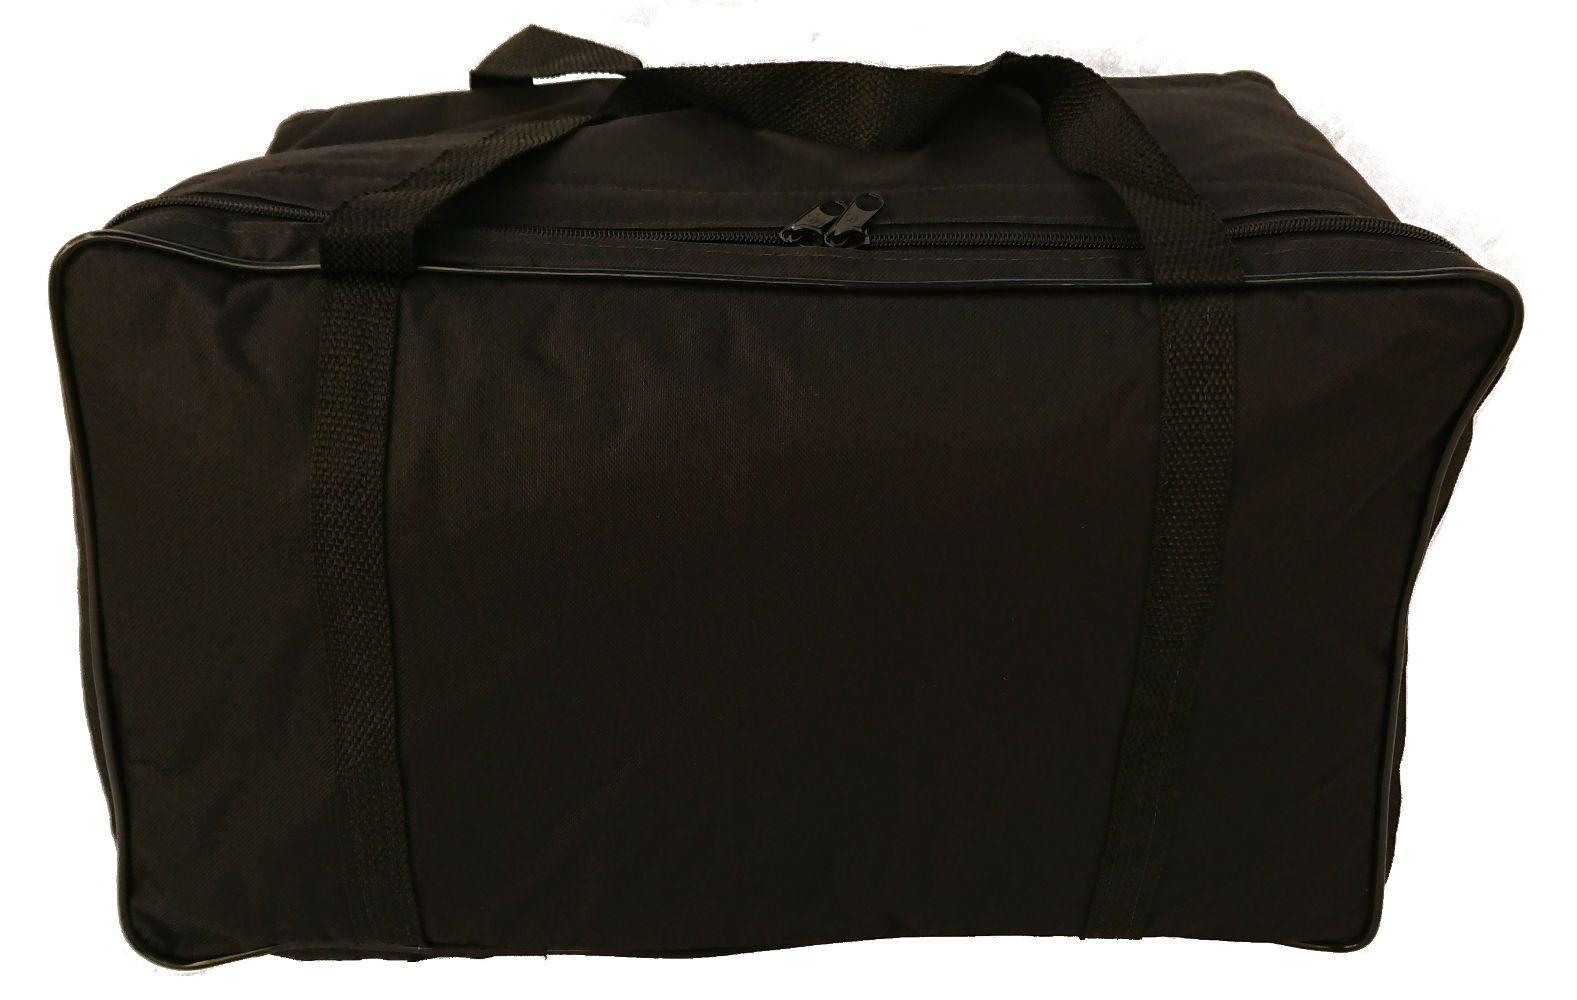 Capa Bag para Pedal Duplo de Bateria, modelo Super Luxo CLAVE & BAG. Totalmente acolchoado